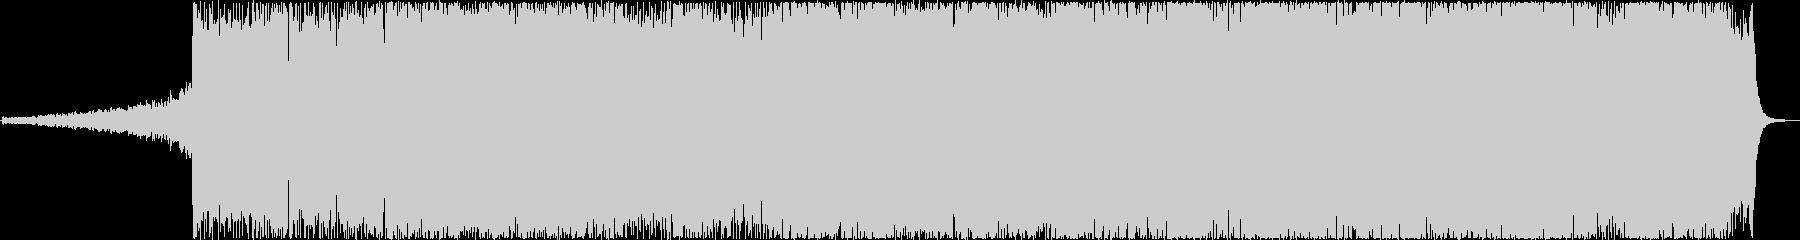 動画 センチメンタル サスペンス ...の未再生の波形